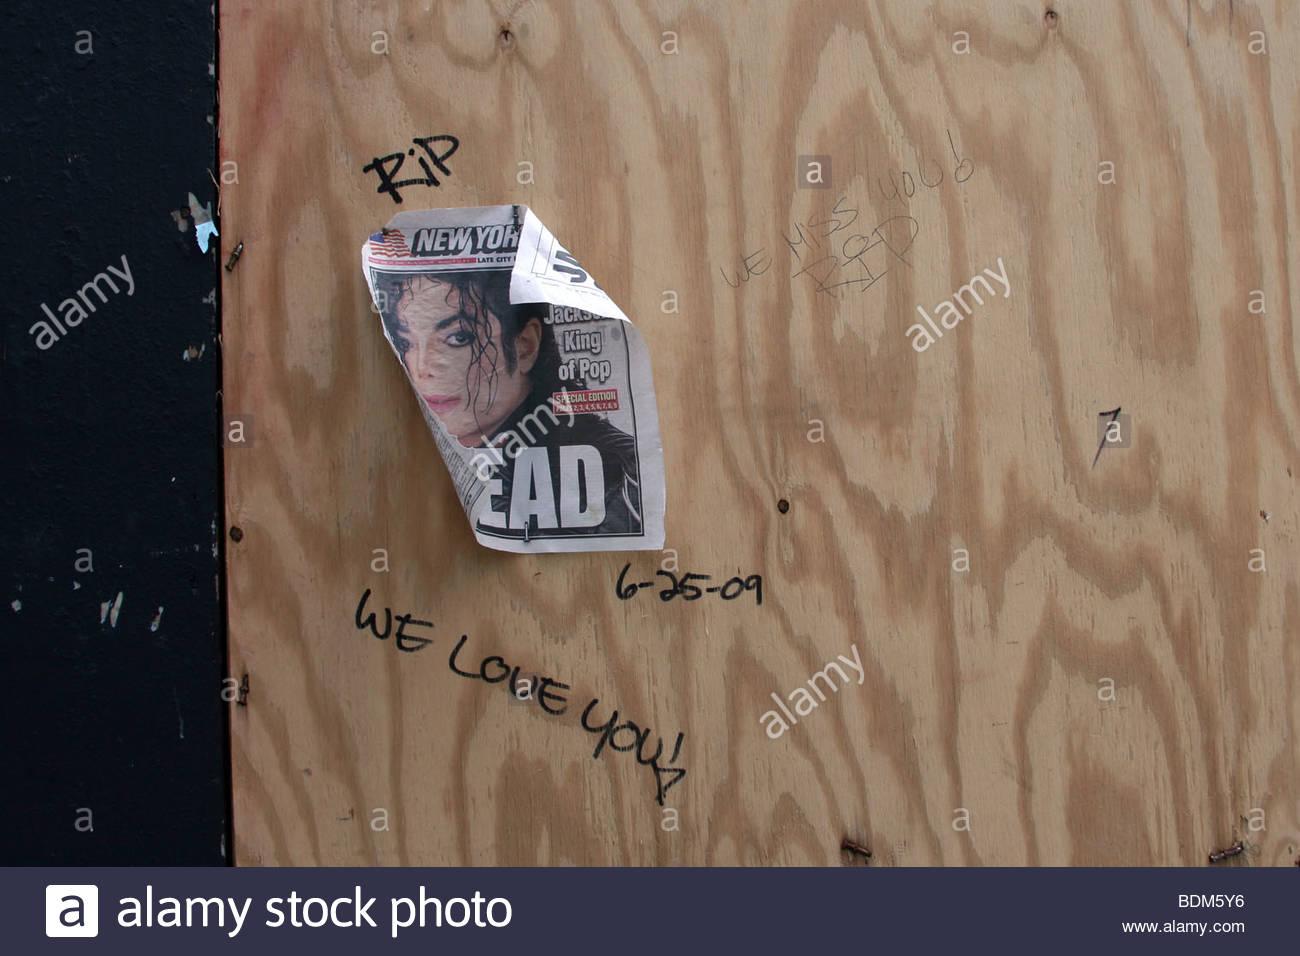 Michael Jackson, immagine, news, giornale, parete, morte, morti, Immagini Stock